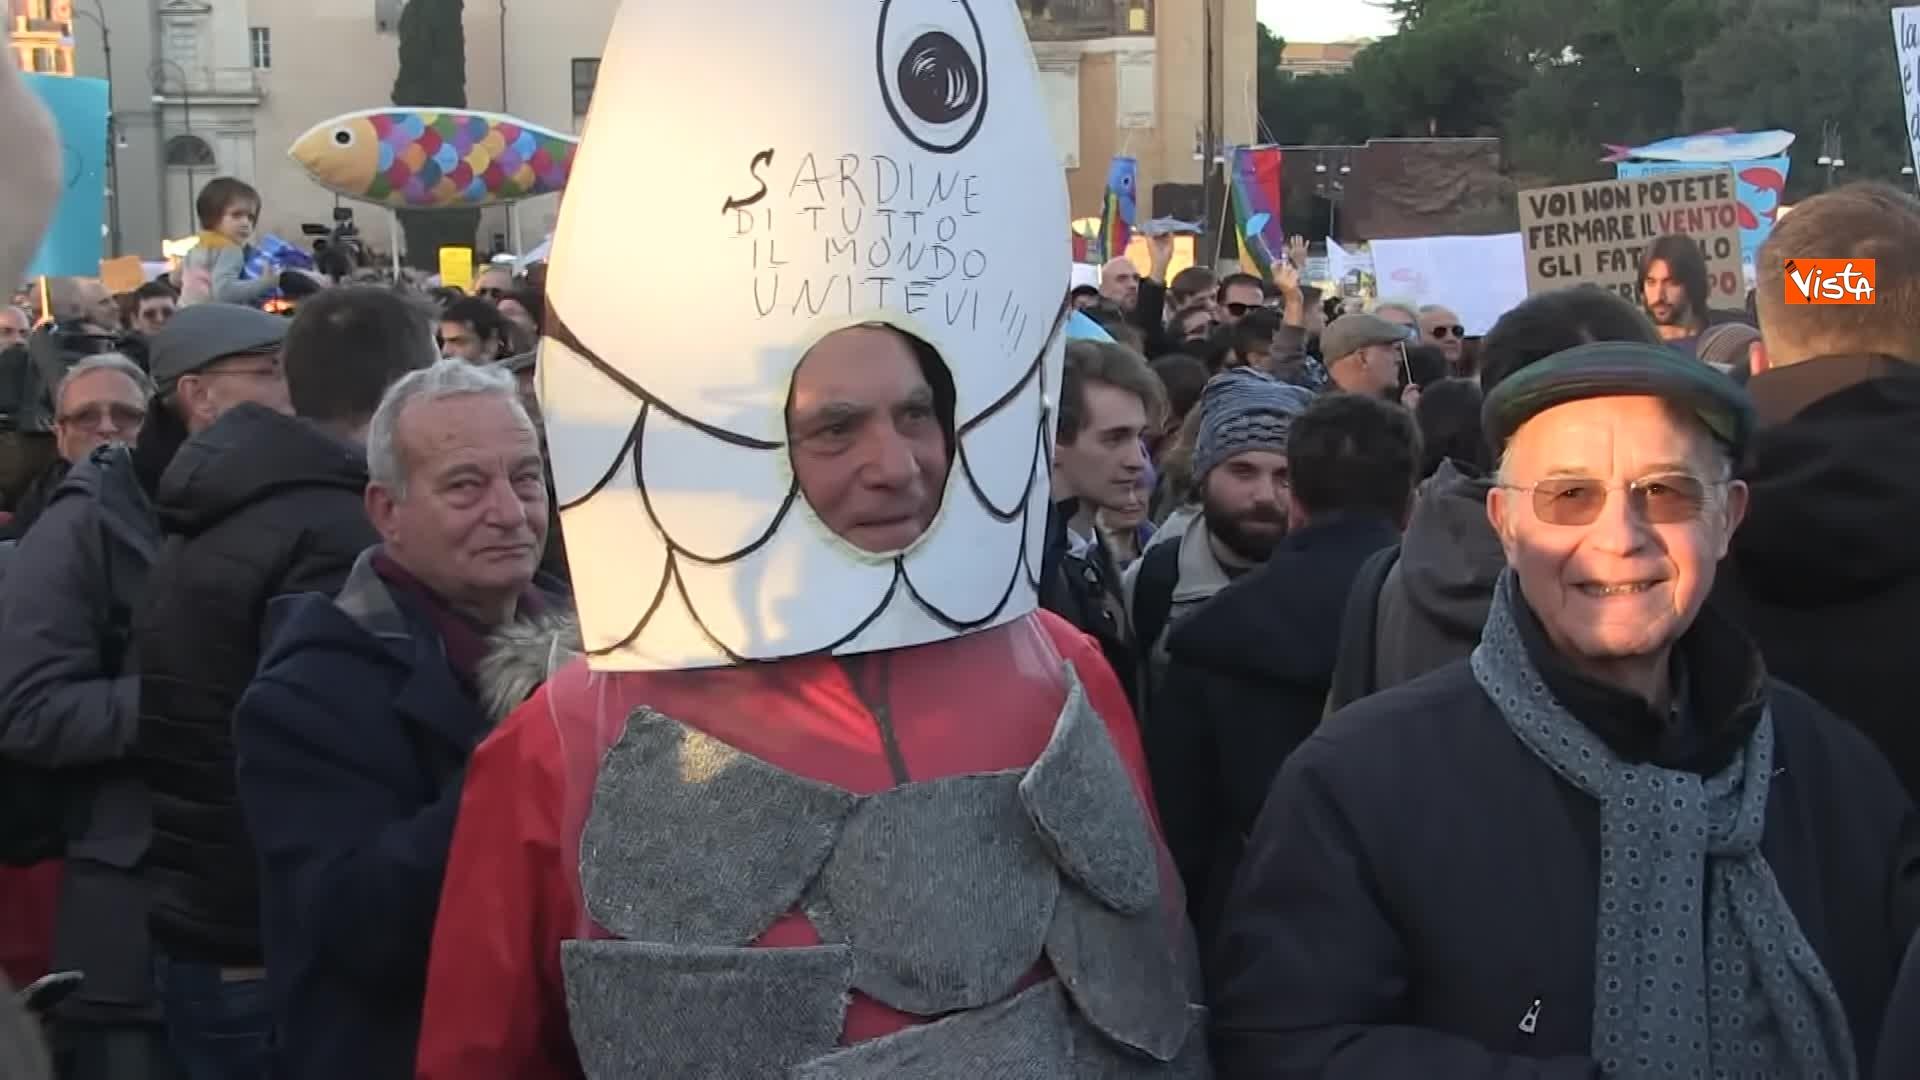 14-12-19 Le sardine riempiono piazza San Giovanni_15